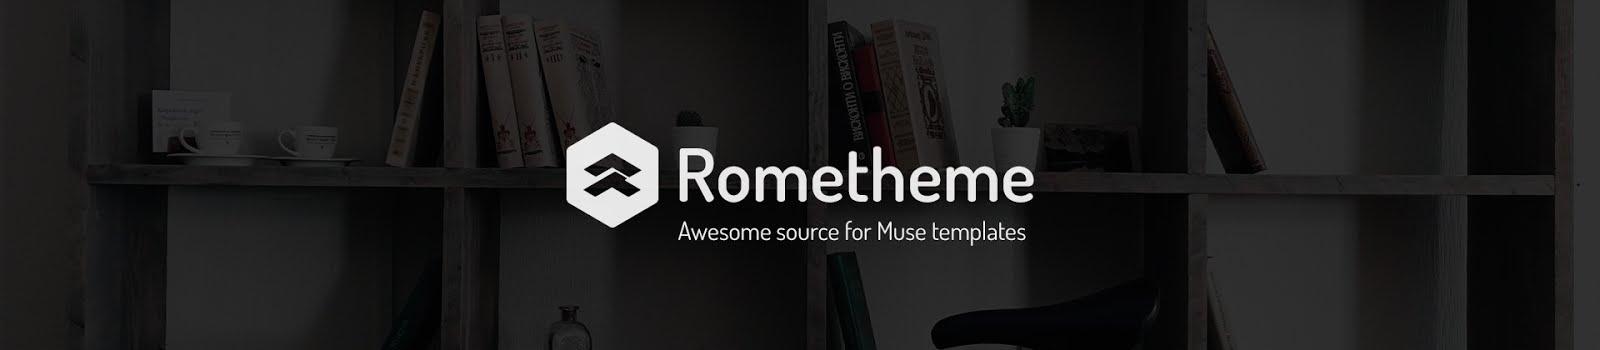 Rometheme